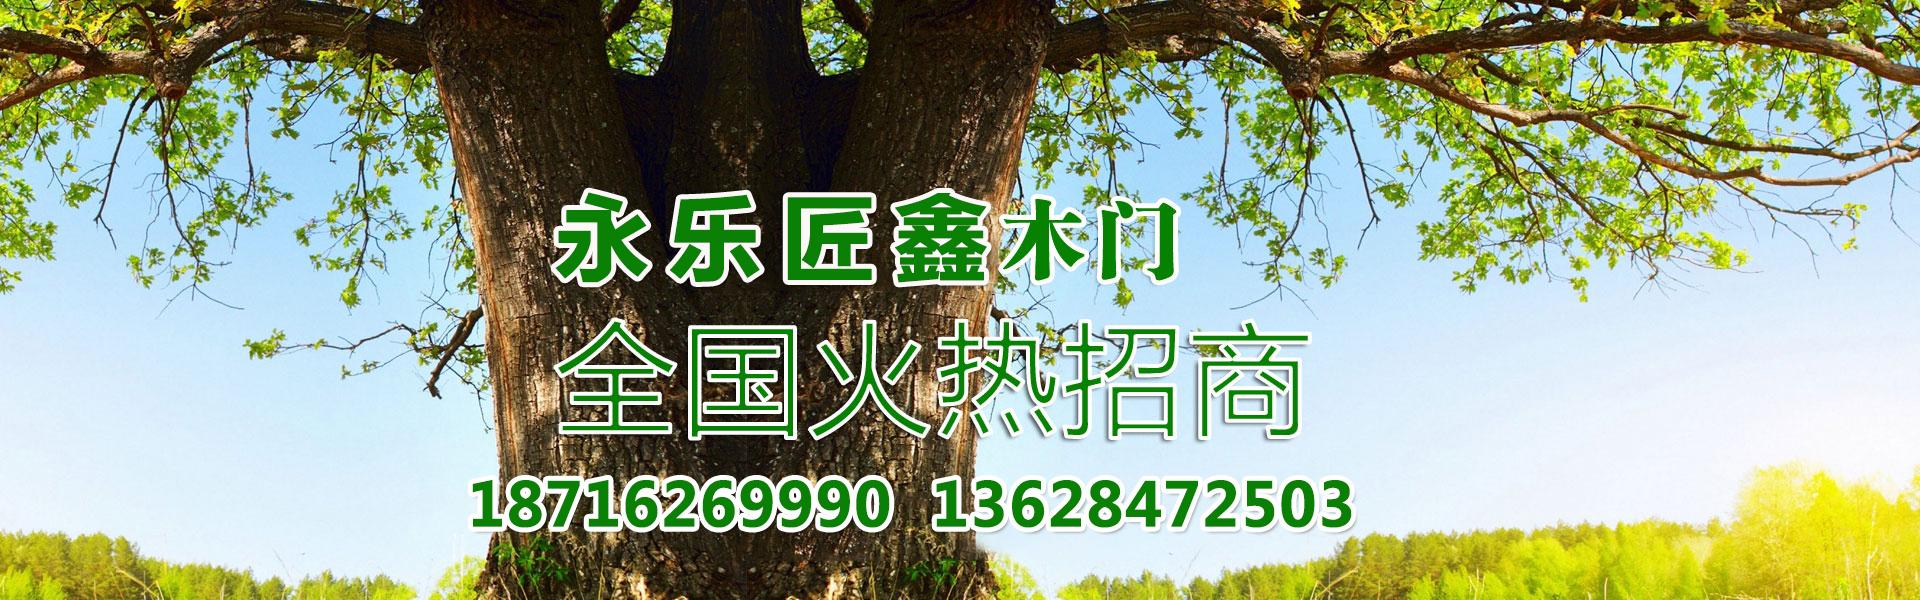 重庆实木门全国火热招商,电话:18716269990,13452062778